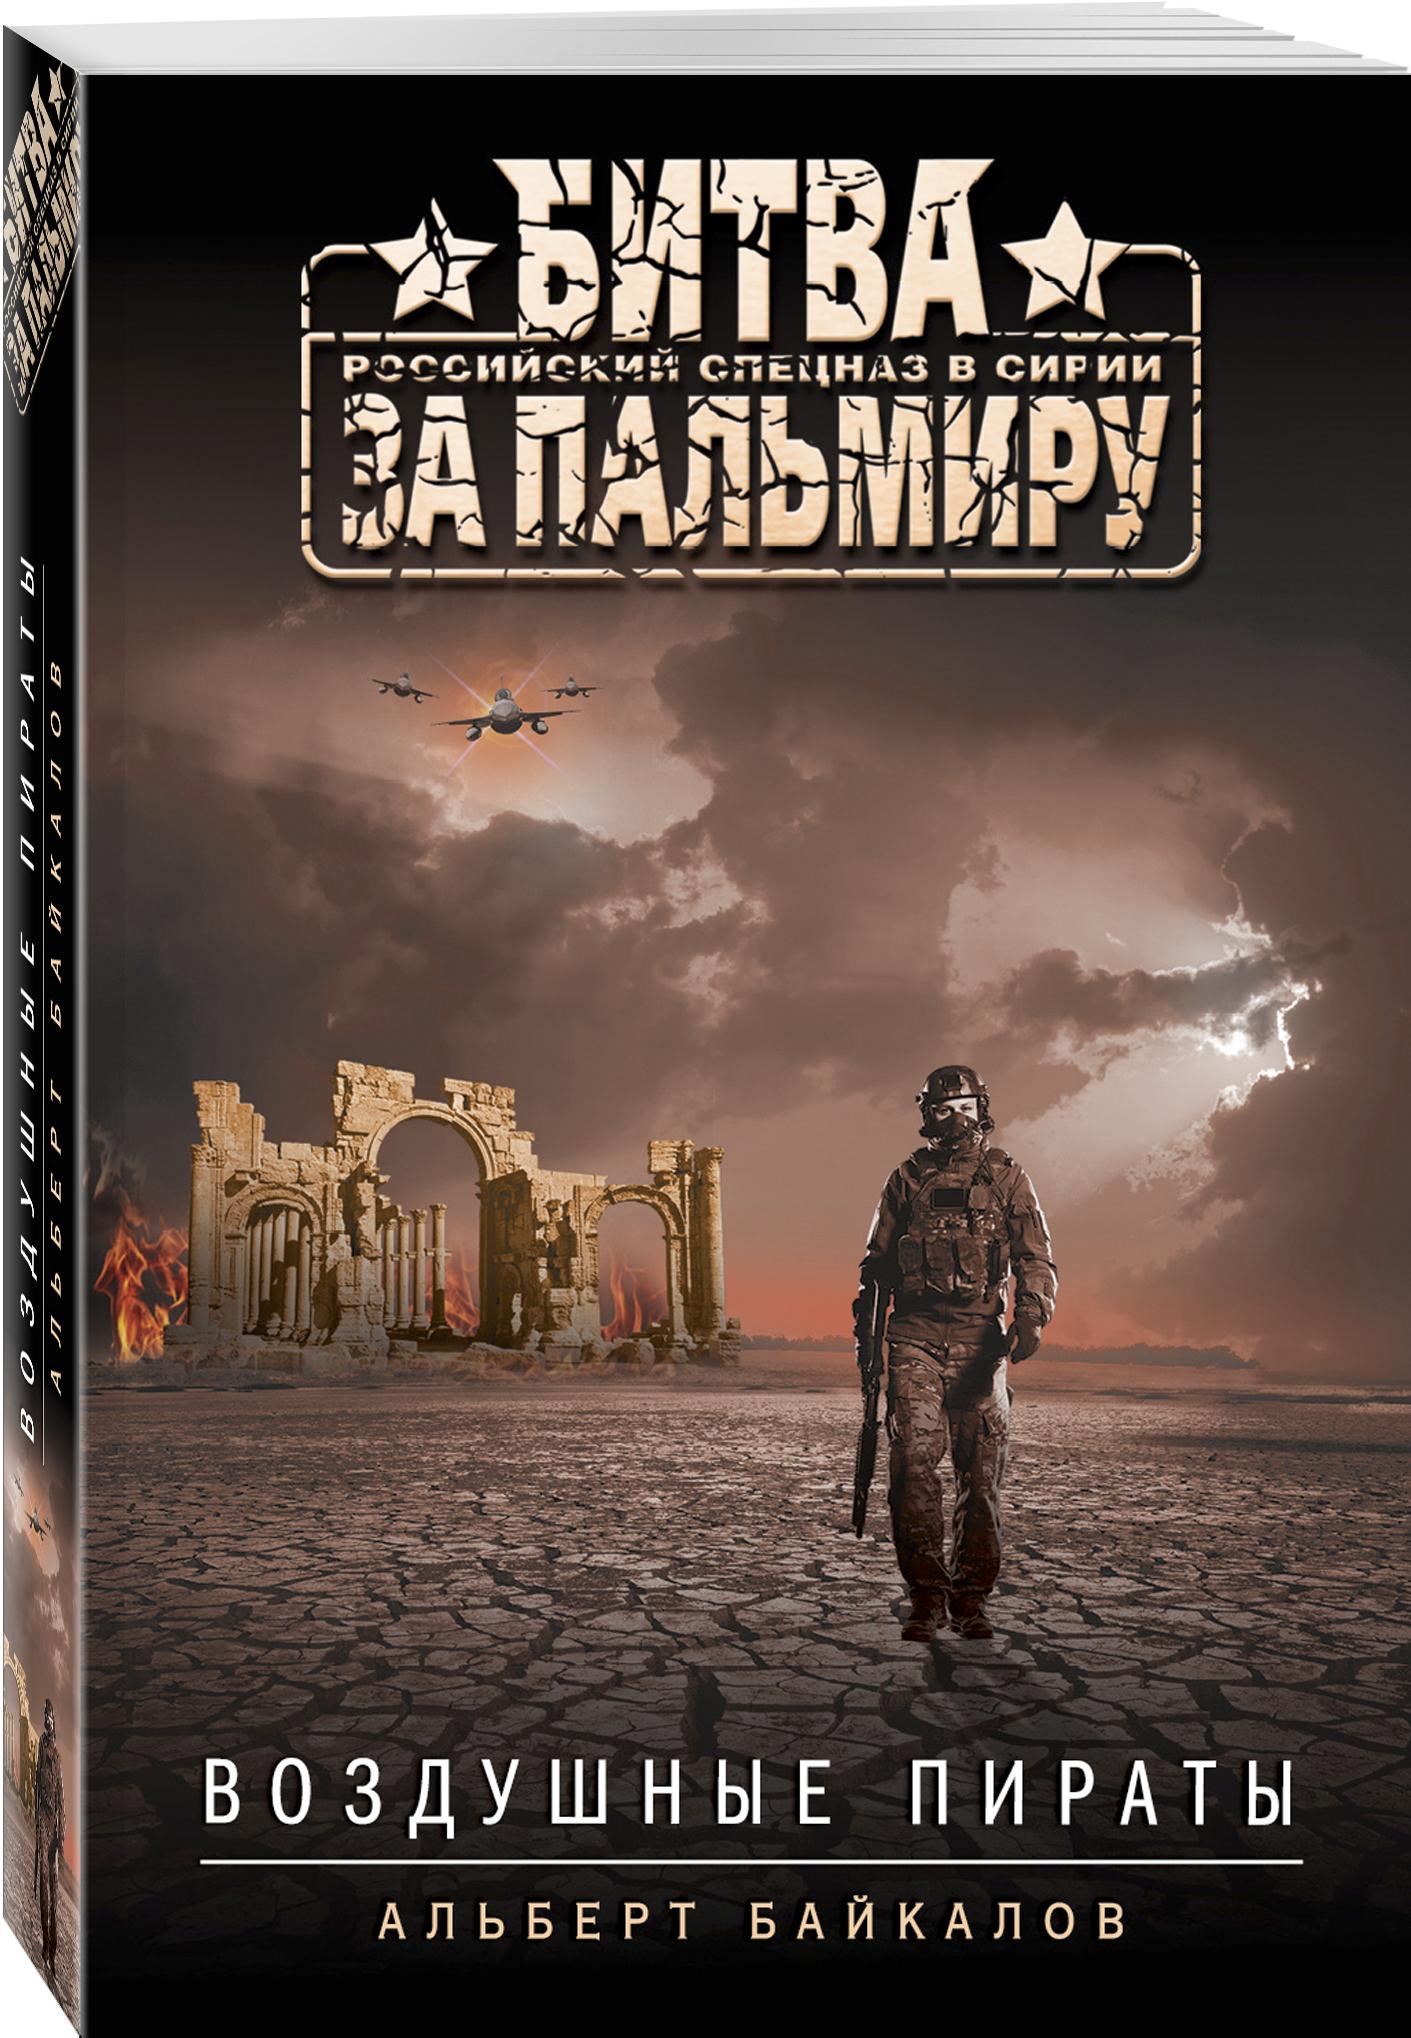 Байкалов А.Ю. Воздушные пираты